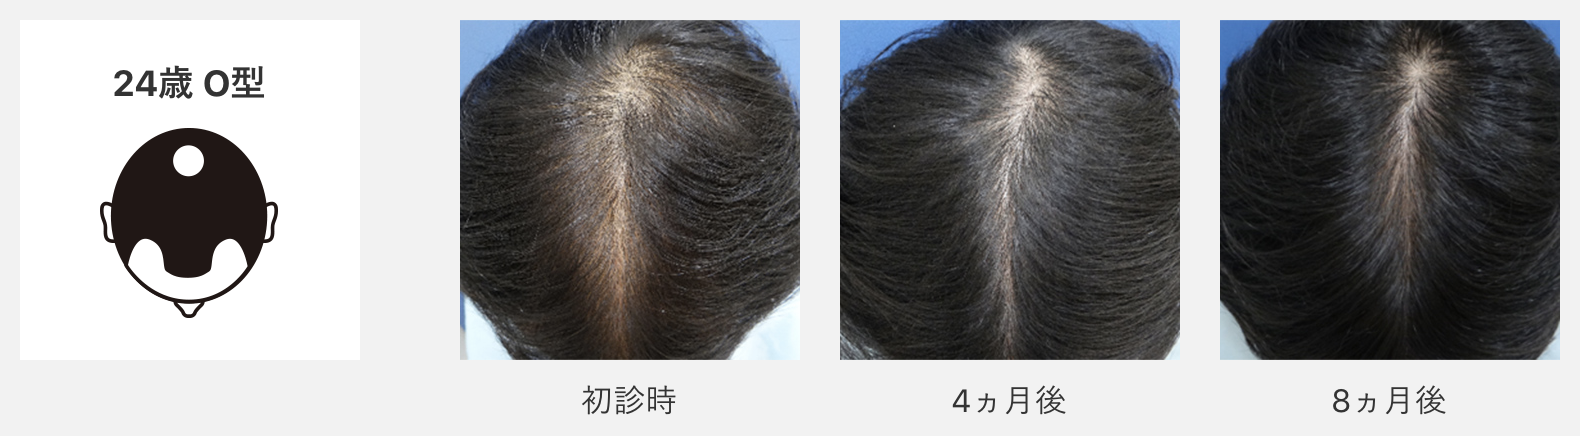 中居正広の生え際の薄毛対策はAGA治療!植毛・かつら疑惑も暴露!